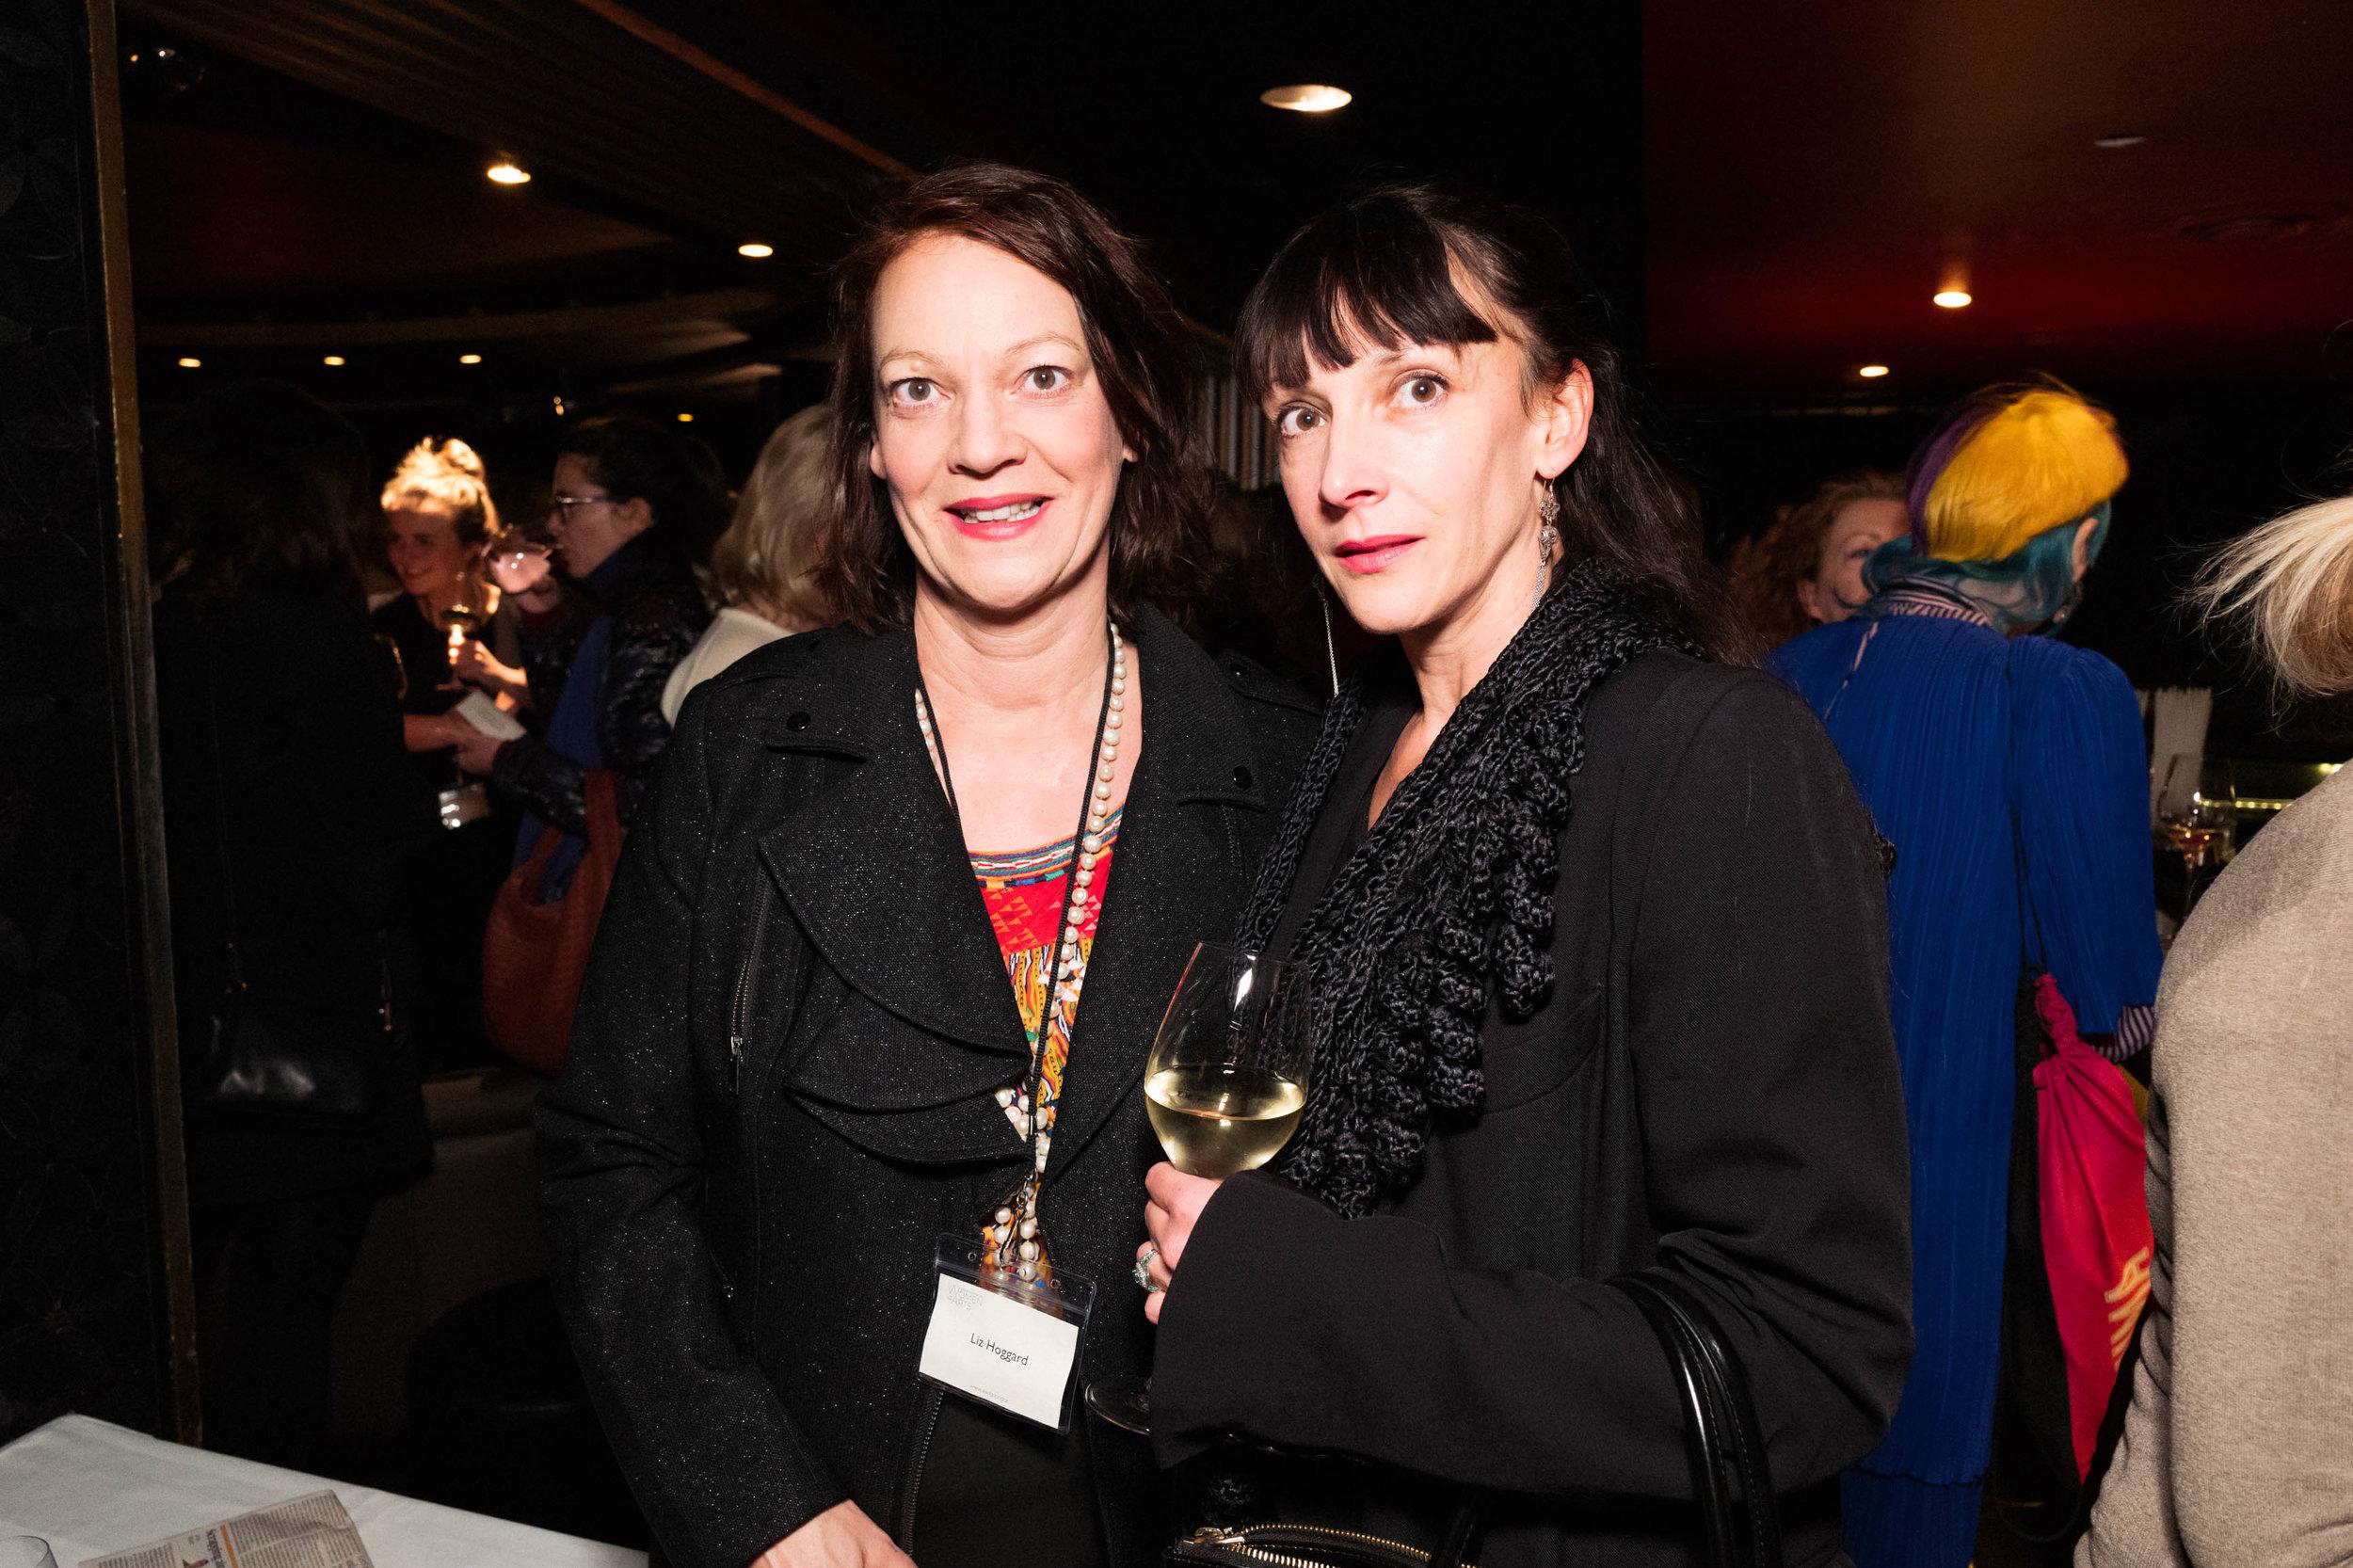 Liz Hoggard and Tamara Salman